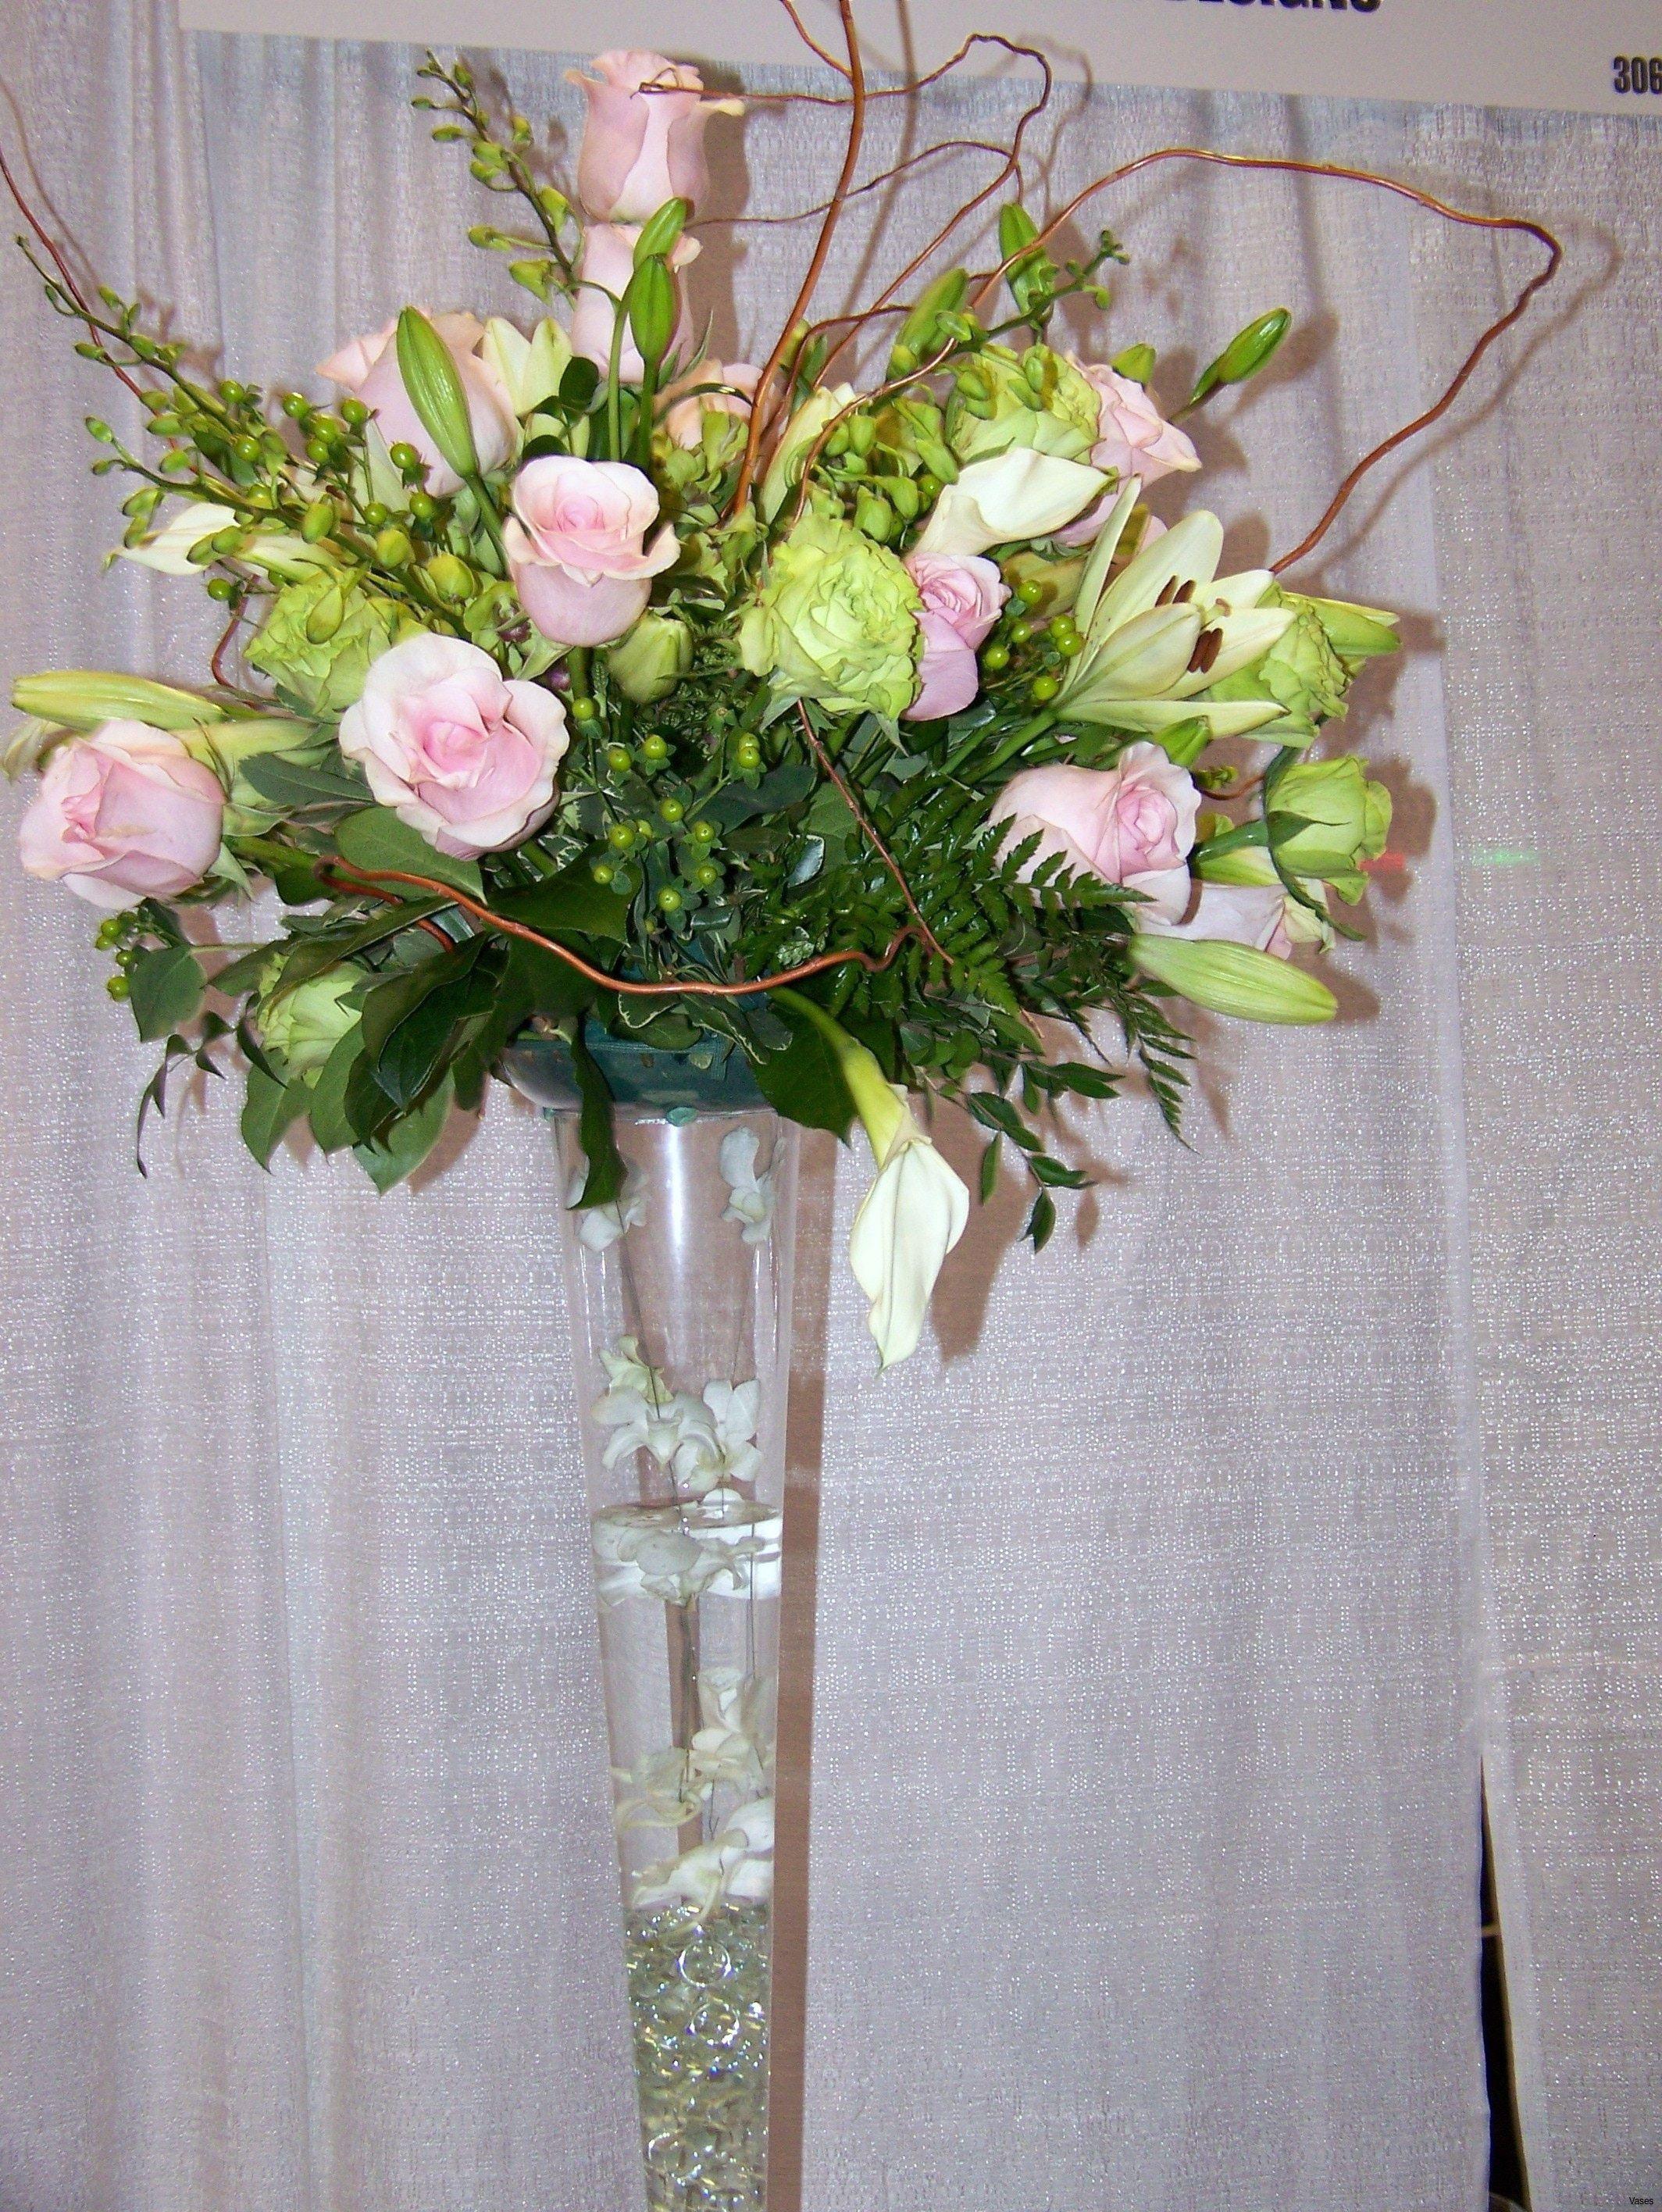 small glass vase flower arrangements of 22 hobnail glass vase the weekly world inside h vases ideas for floral arrangements in i 0d design ideas design